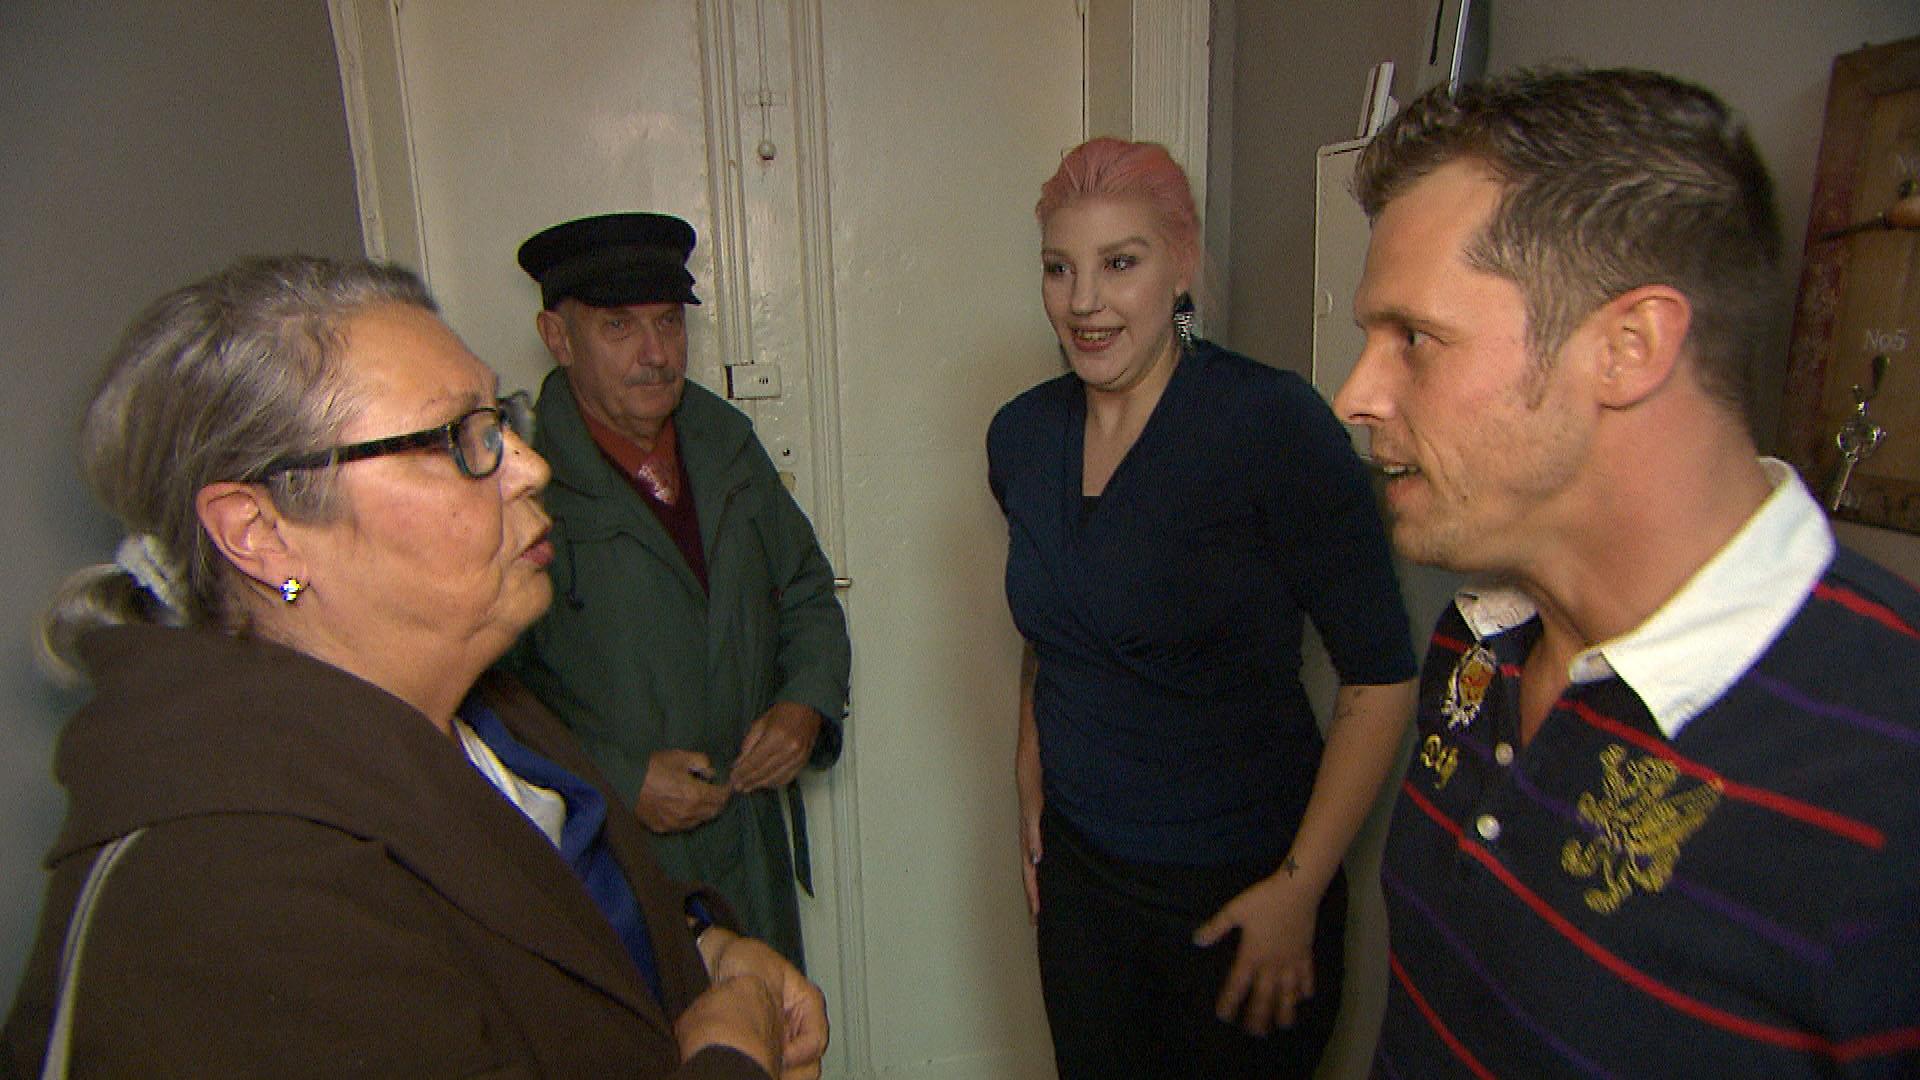 Bevor sich Paulas und Bastis Eltern zum ersten Mal begegnen, ist Basti extrem nervös. v.li.: Paulas Eltern, Paula und Basti (Quelle: RTL 2)